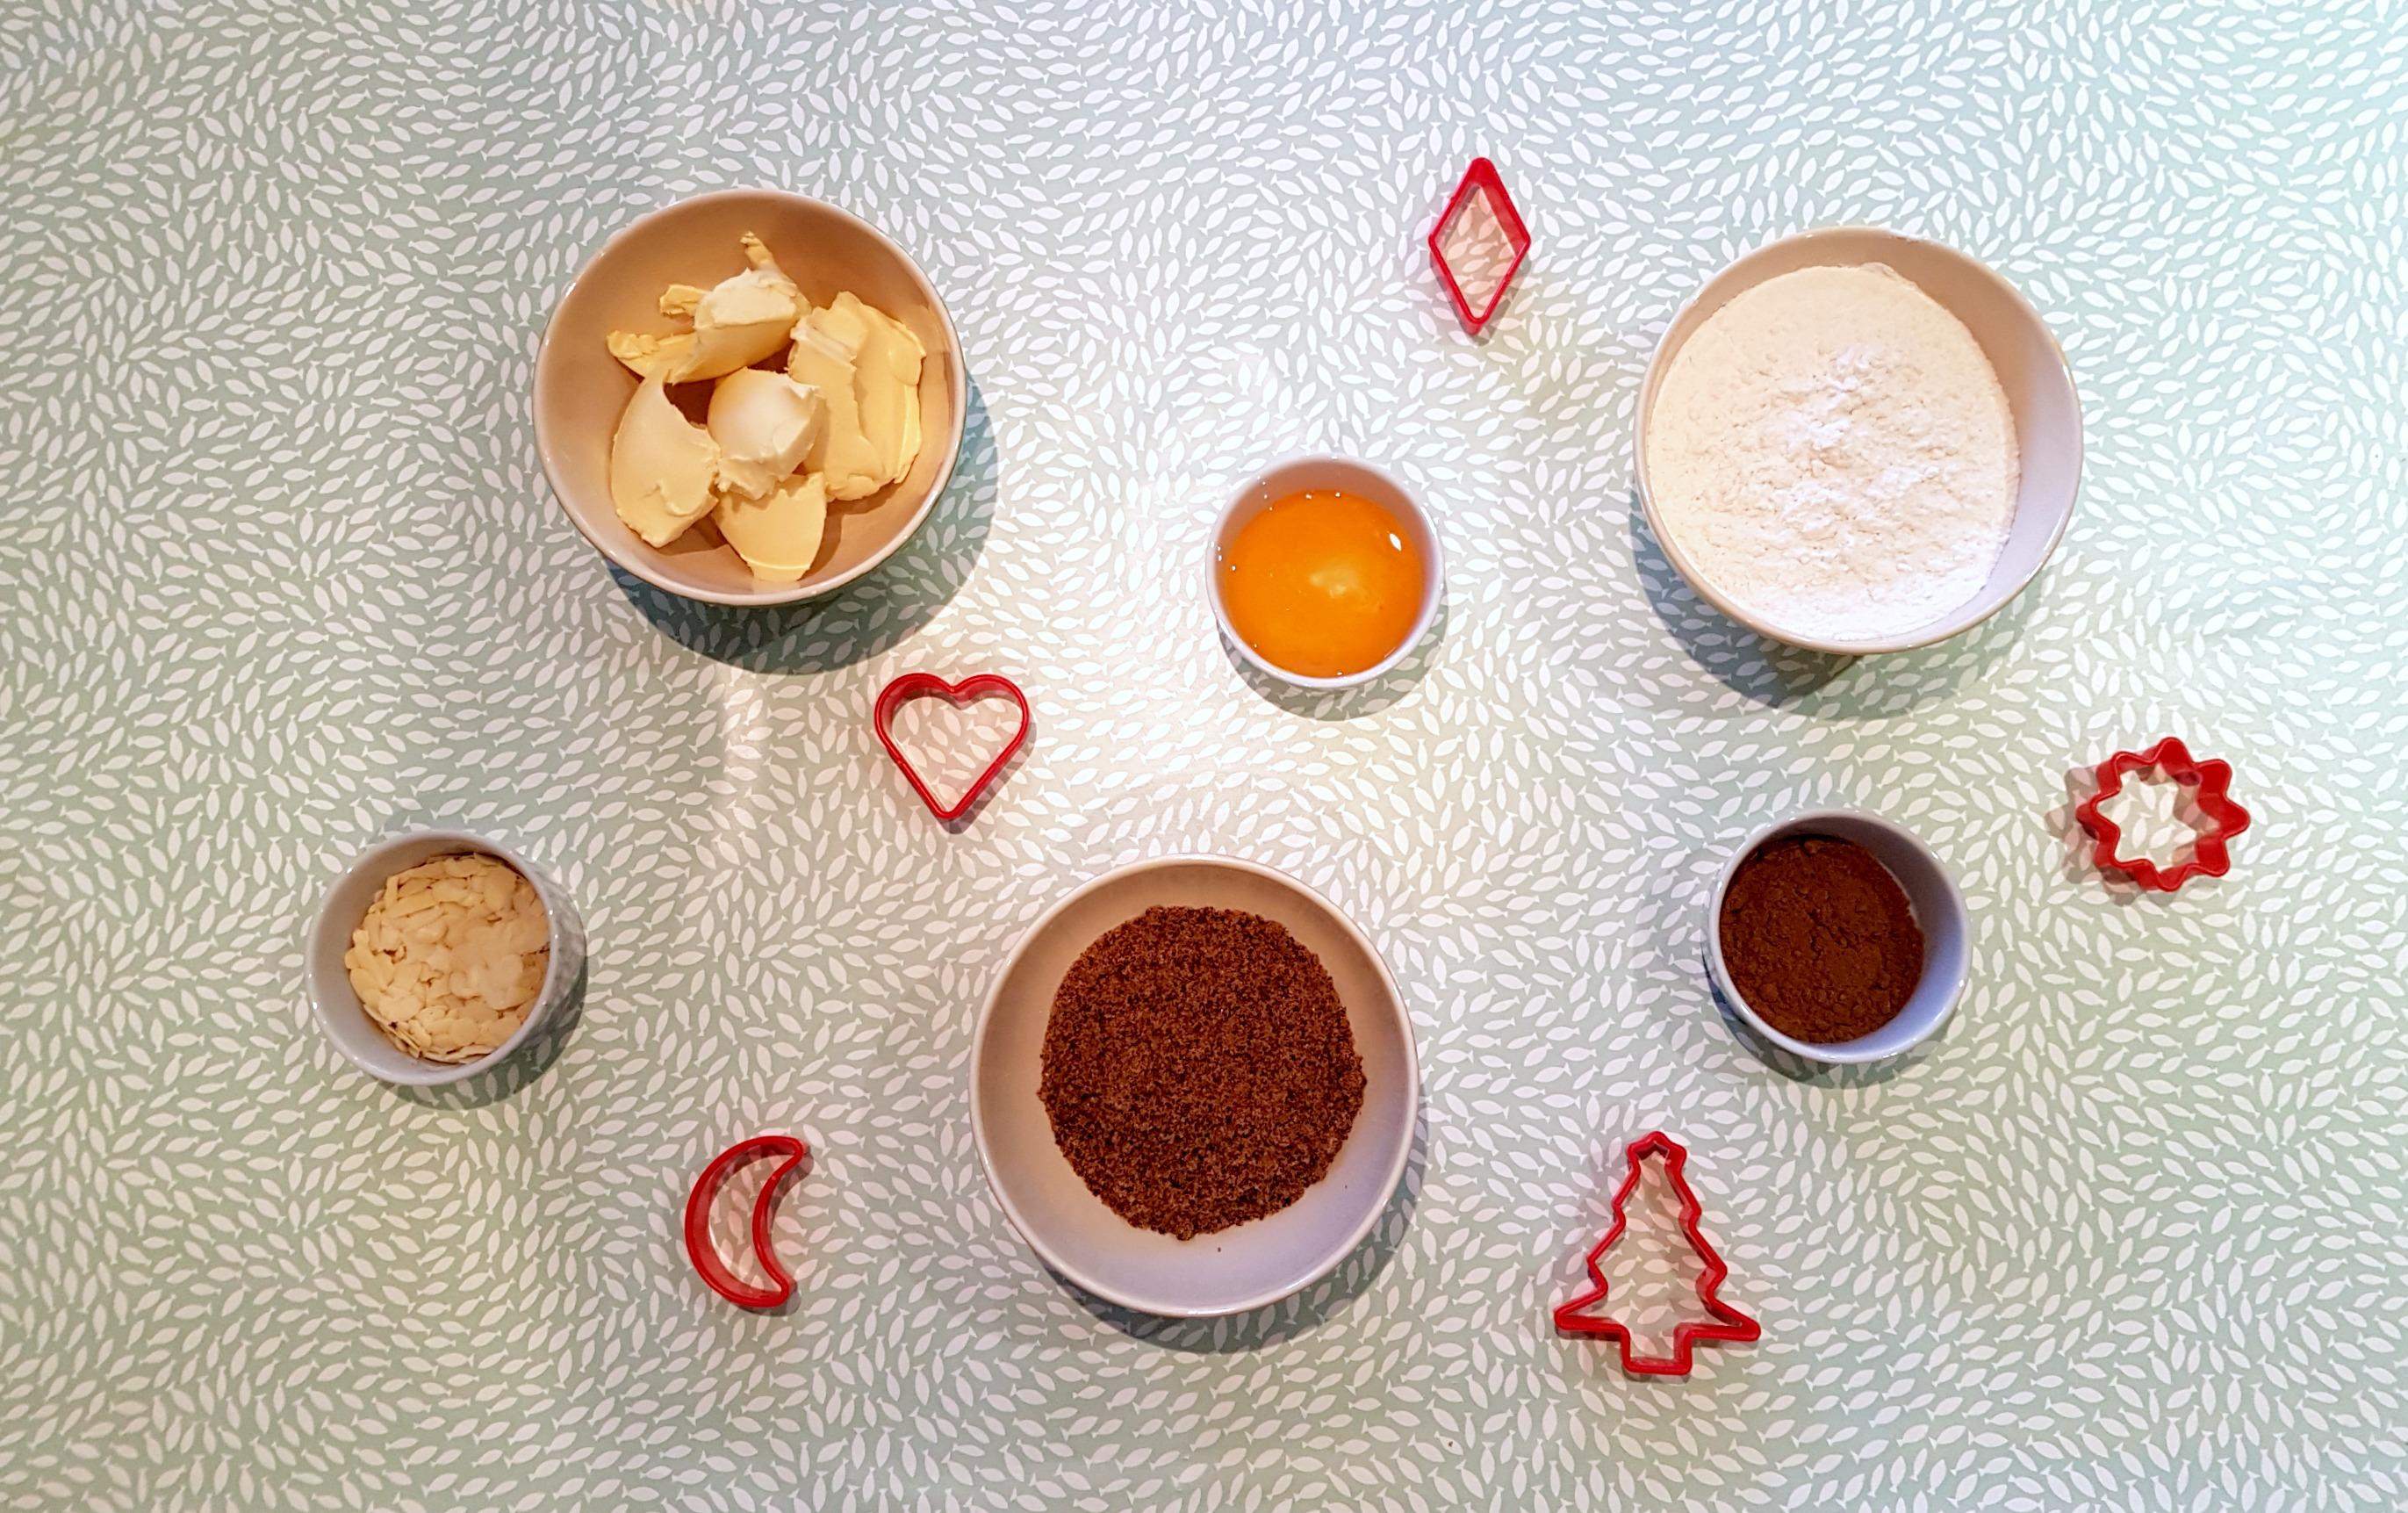 Wonderbaar Koken met kleuters #11: speculaaskoekjes : Vanillemeisjes.be | Een CB-69